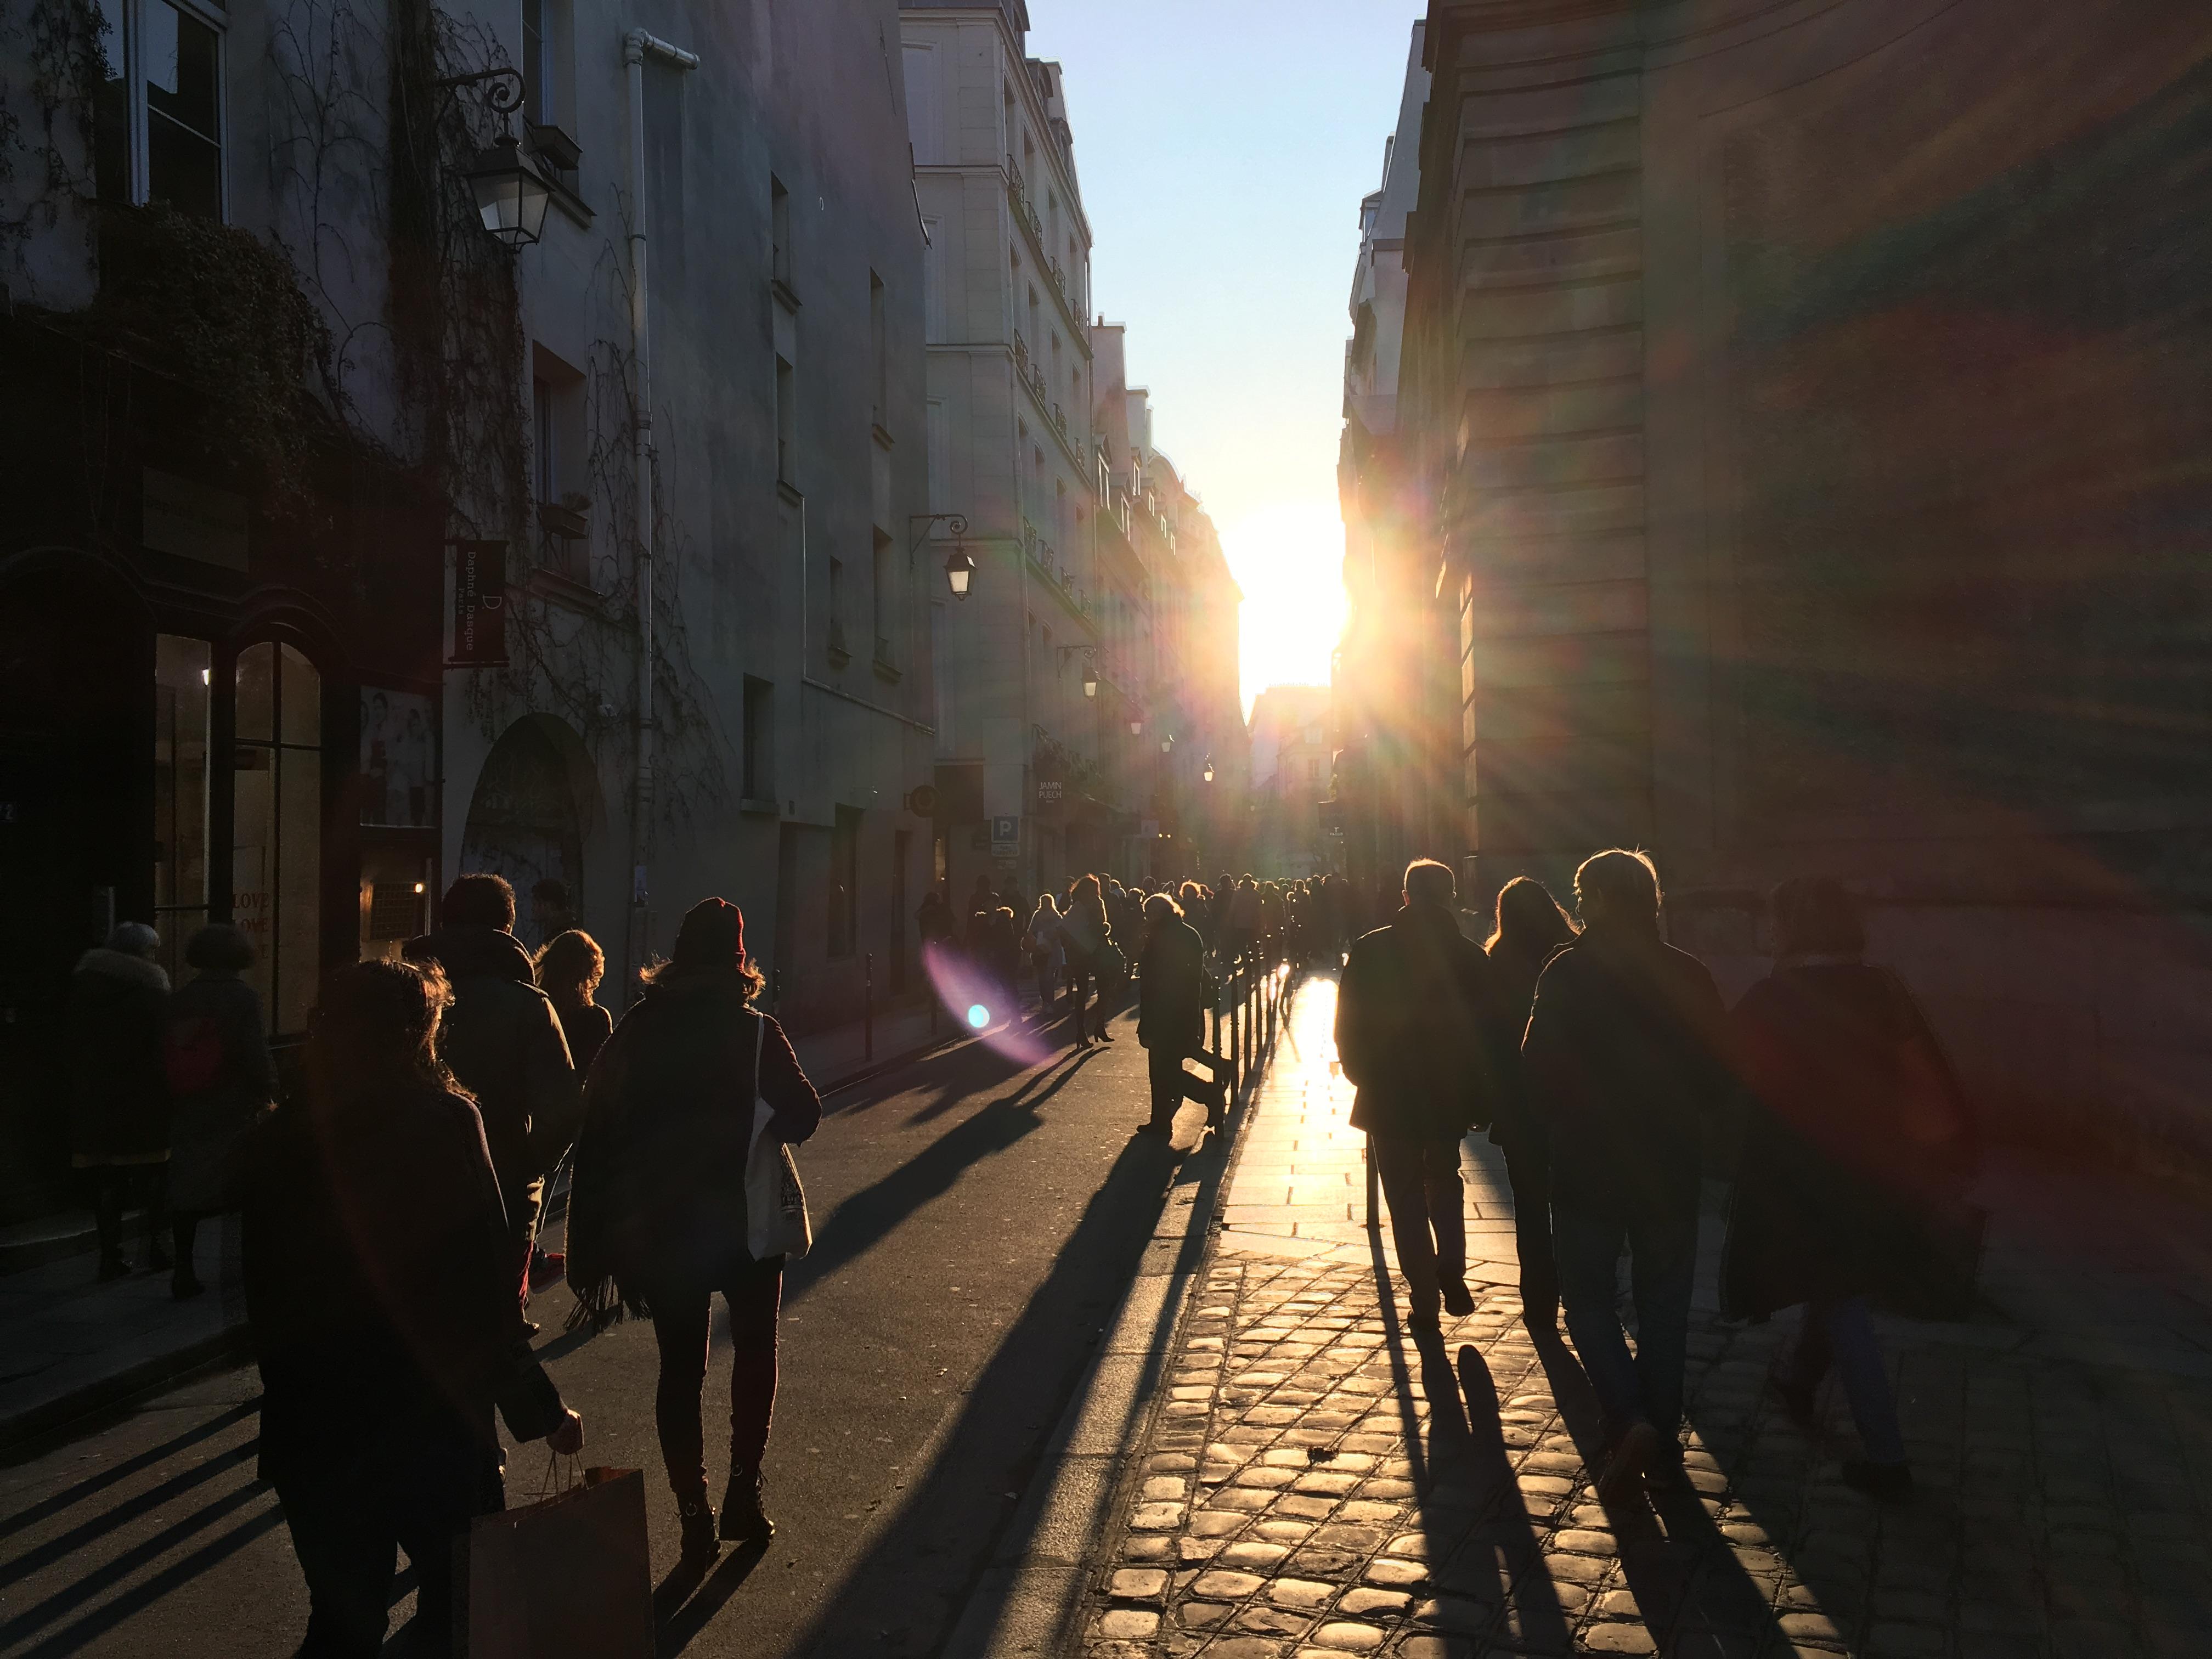 Le marais, Paris, rue